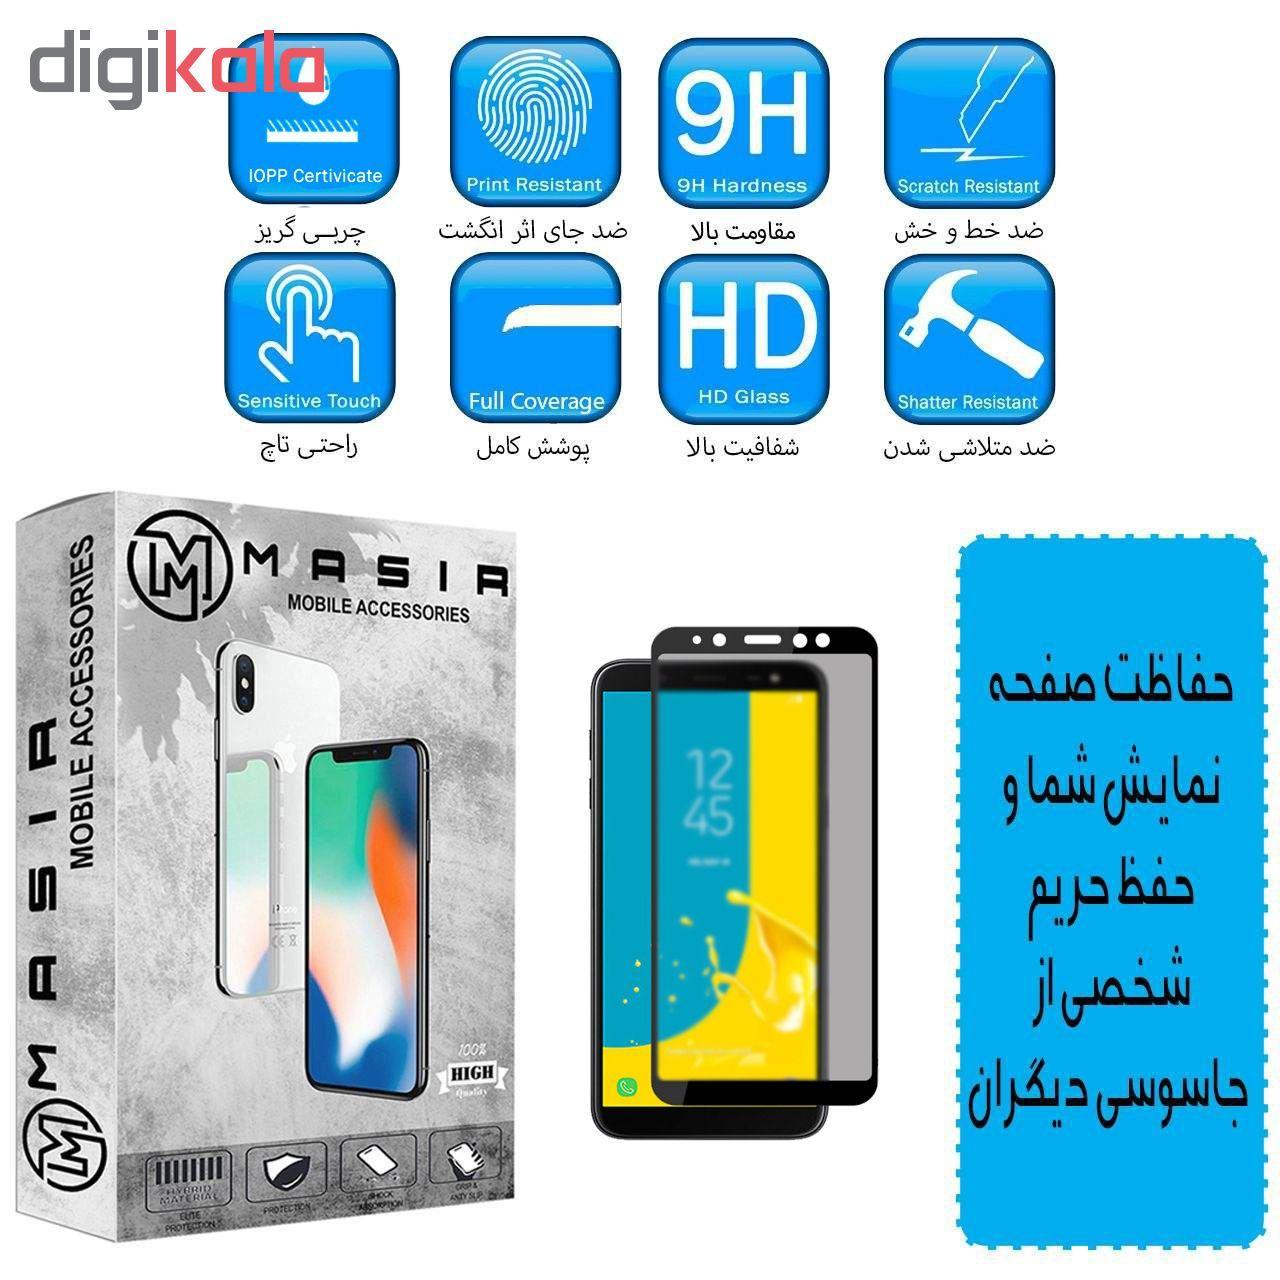 محافظ صفحه نمایش حریم شخصی مسیر مدل MGFPV-2 مناسب برای گوشی موبایل موبایل سامسونگ Galaxy J4 Plus بسته دو عددی main 1 1